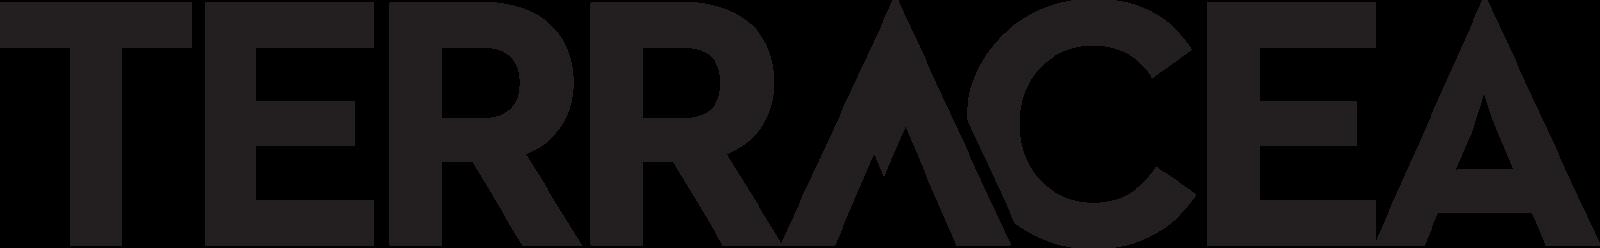 Terracea, LLC